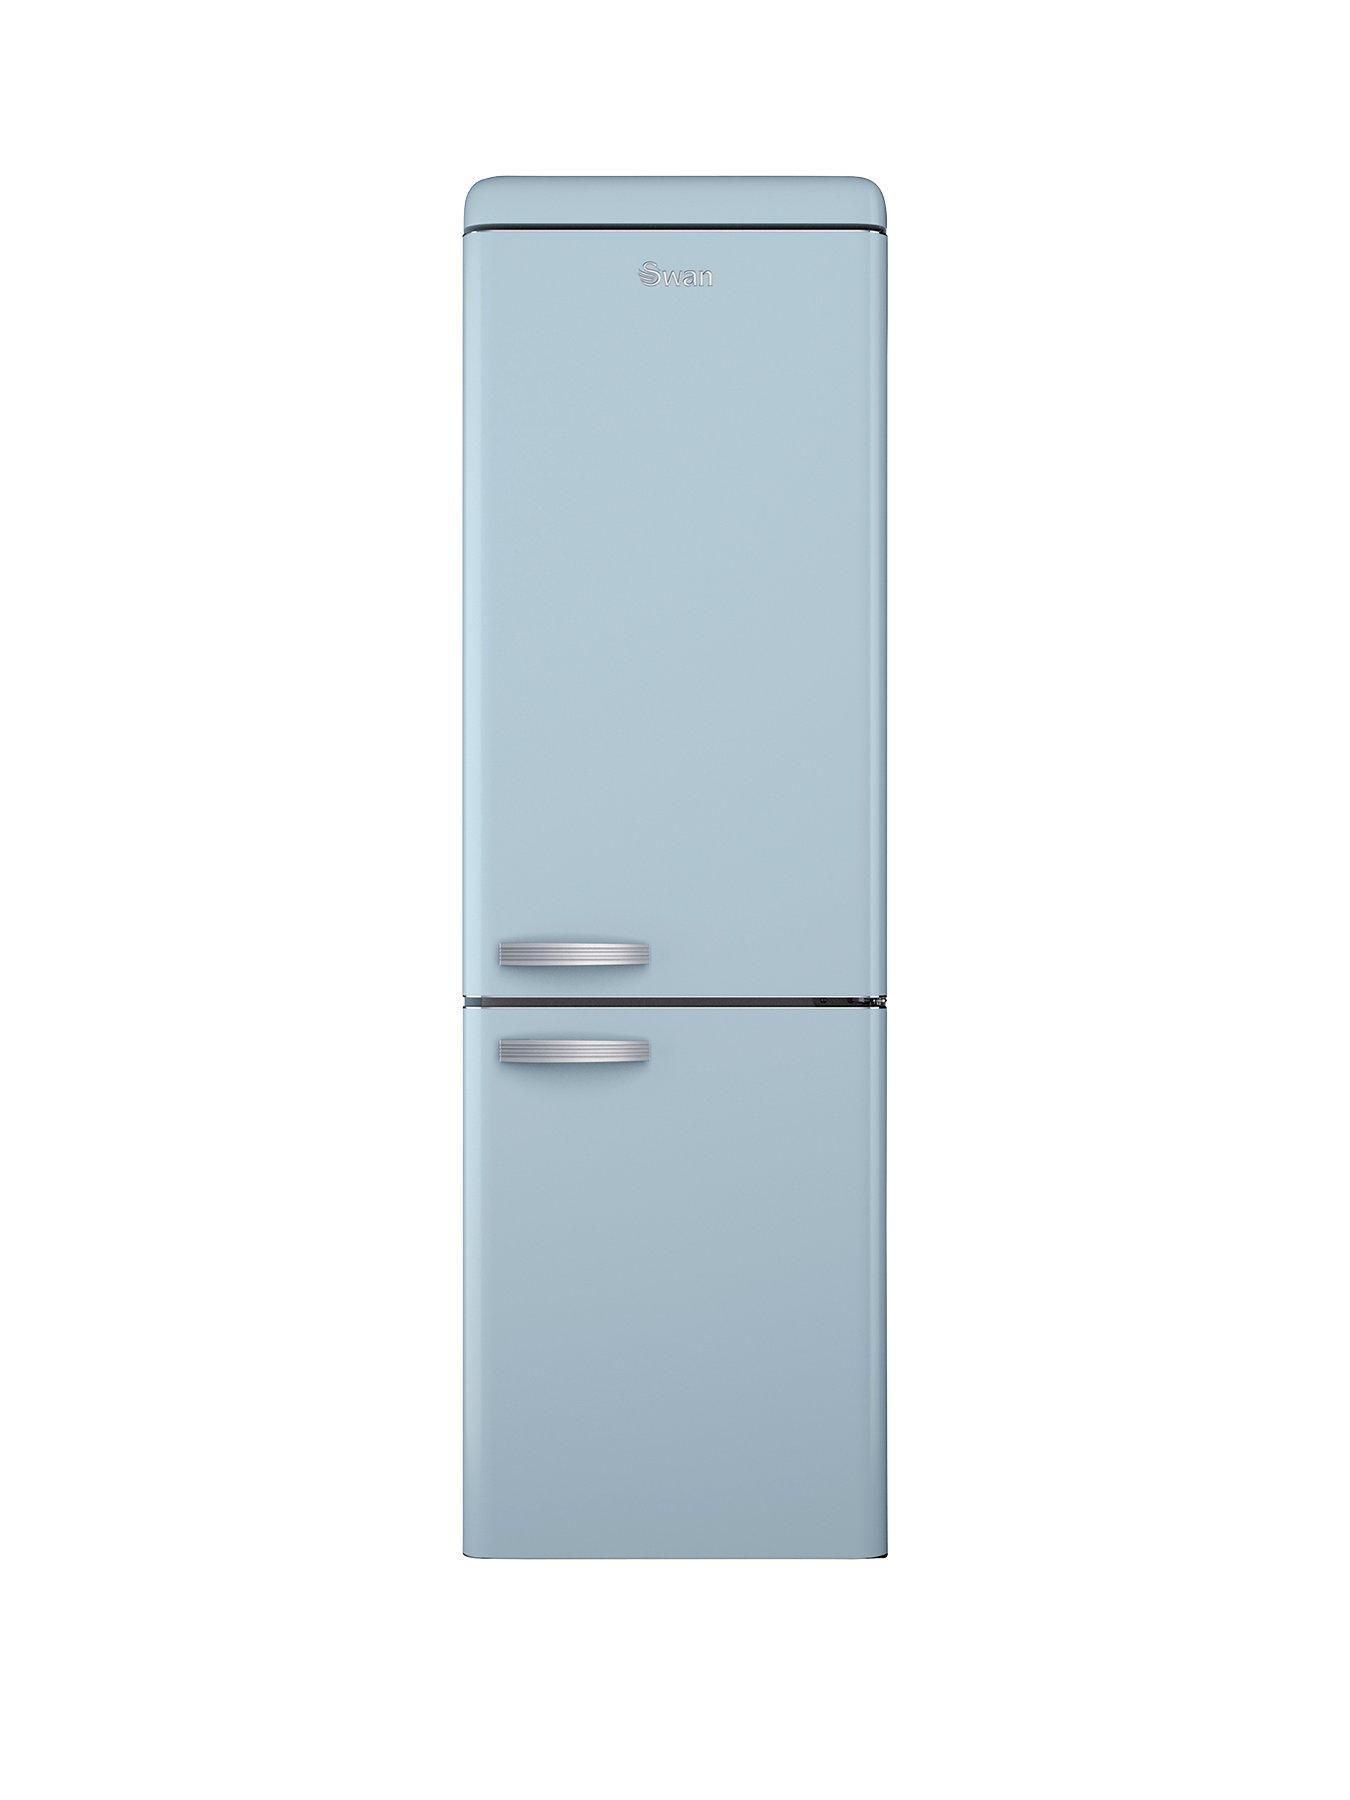 swan sr11020bln 60cm retro fridge freezer blue. Black Bedroom Furniture Sets. Home Design Ideas